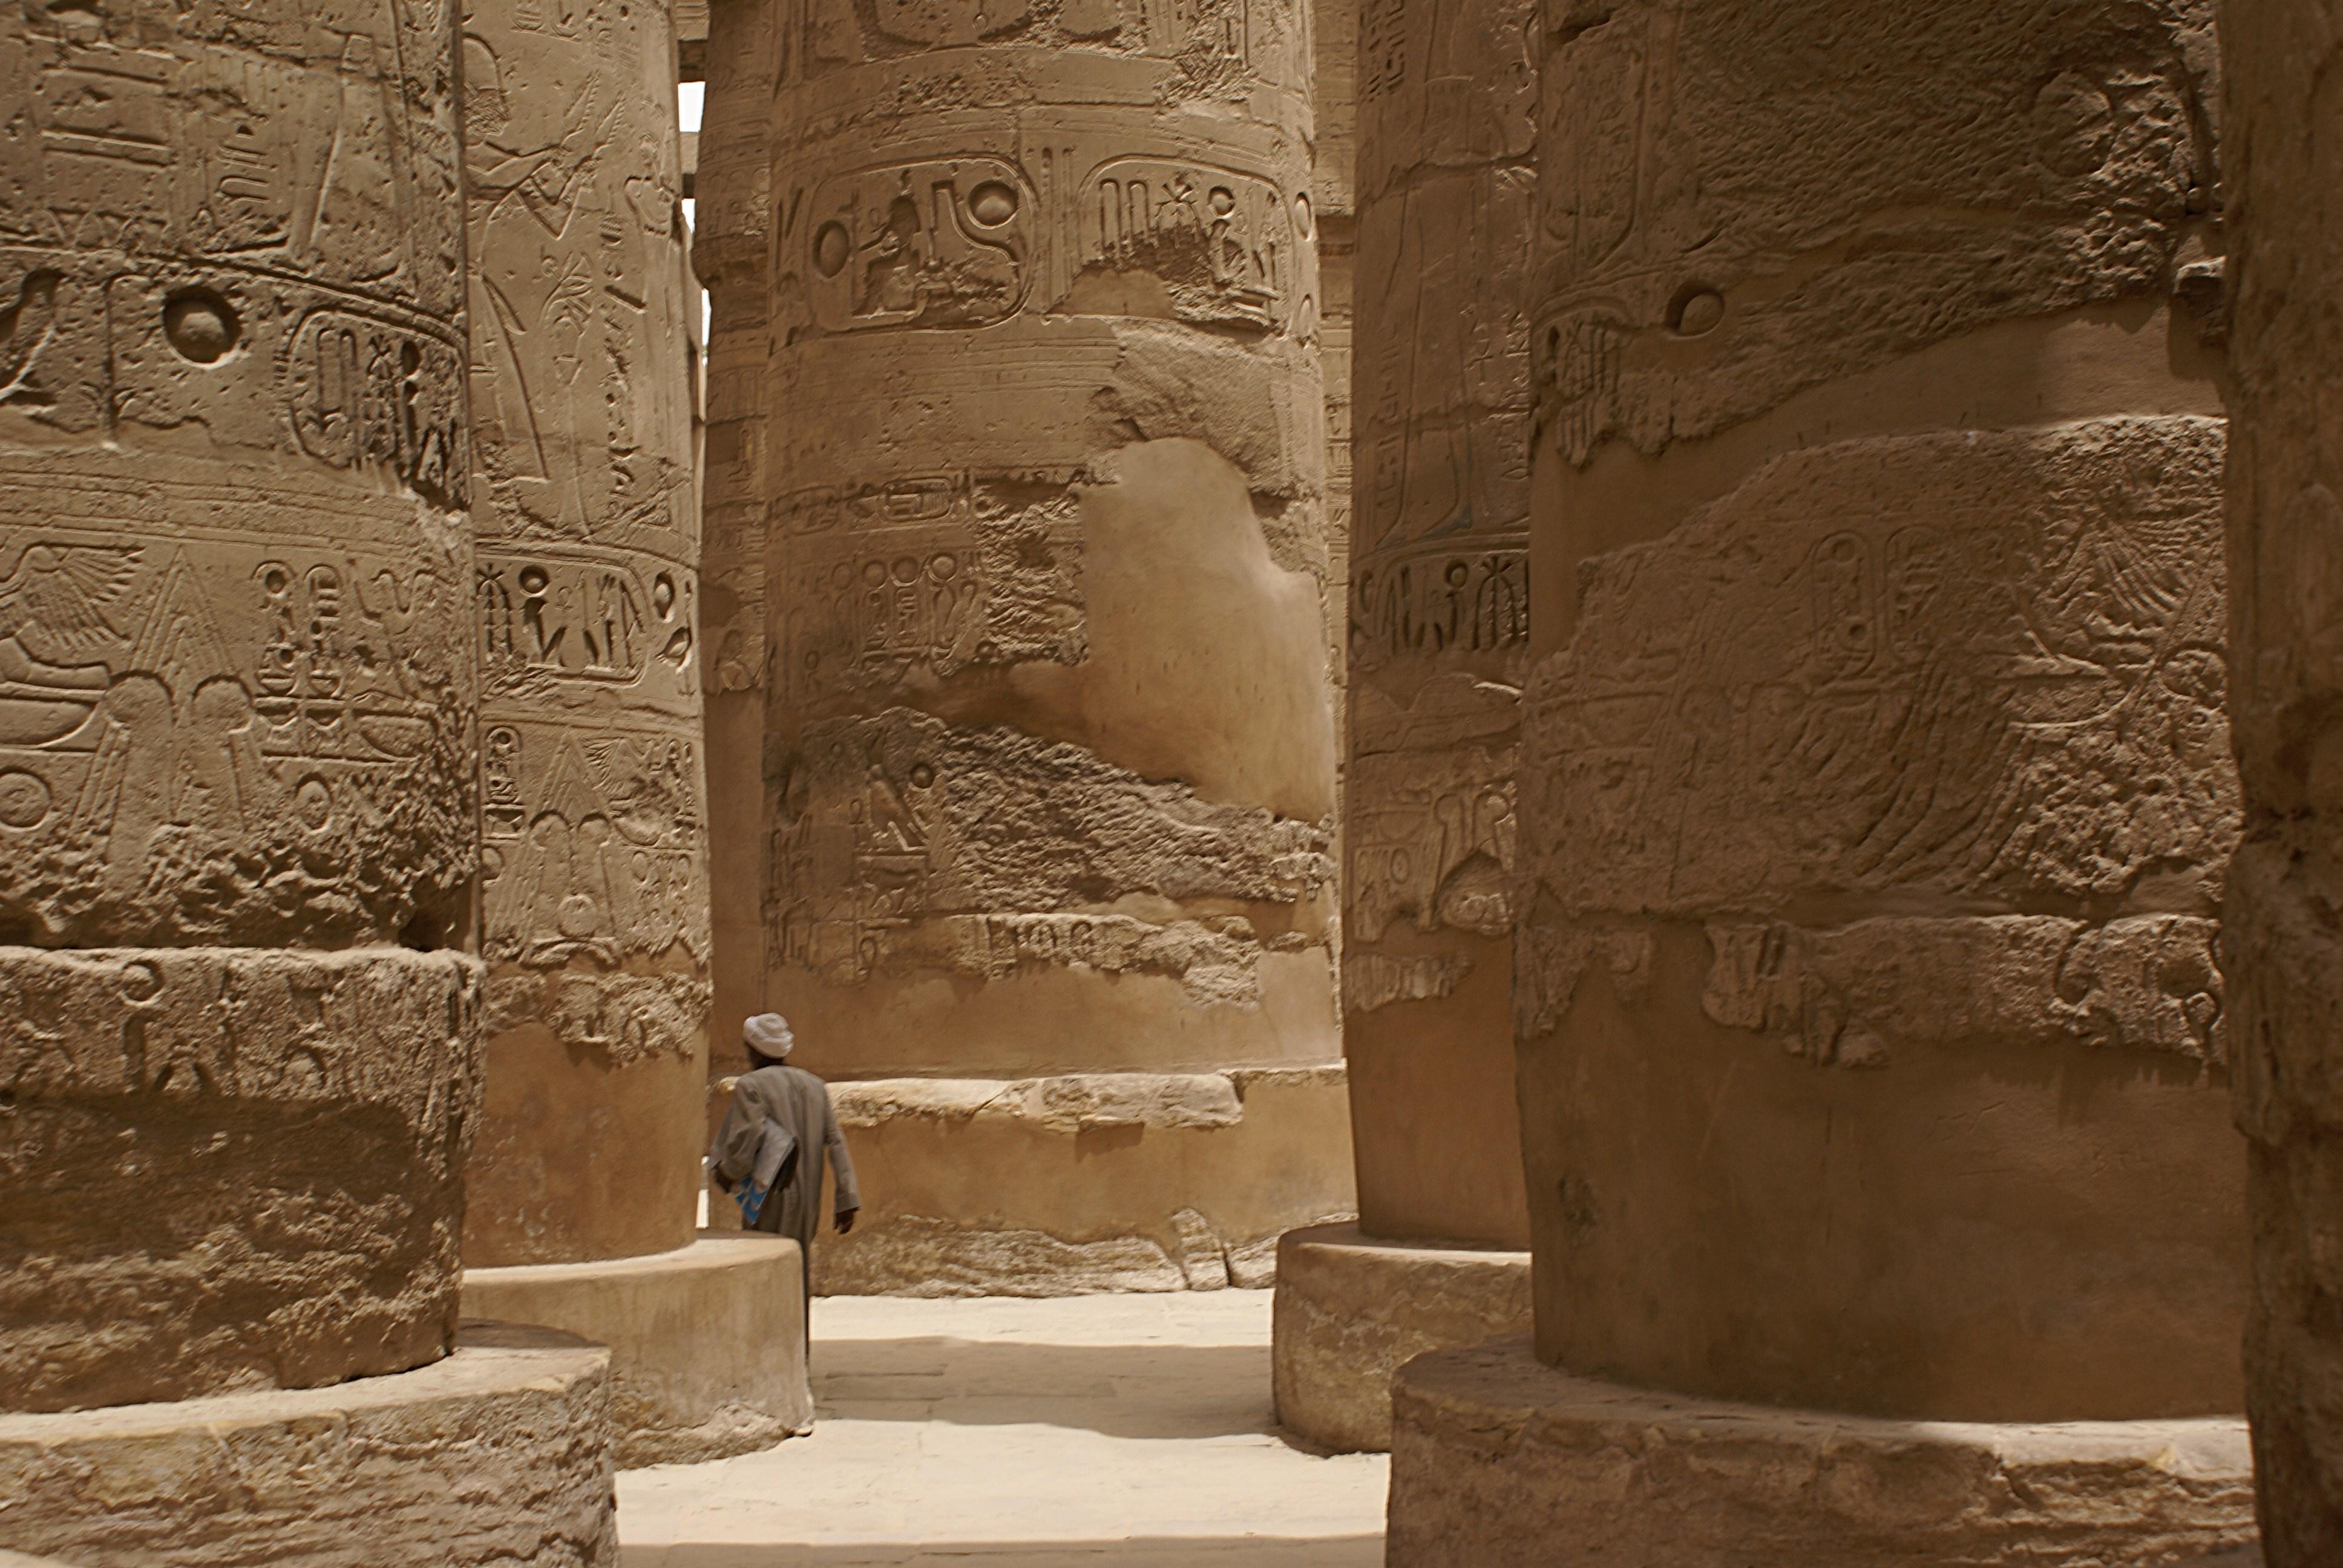 Bild der Säulenhalle von Karnak